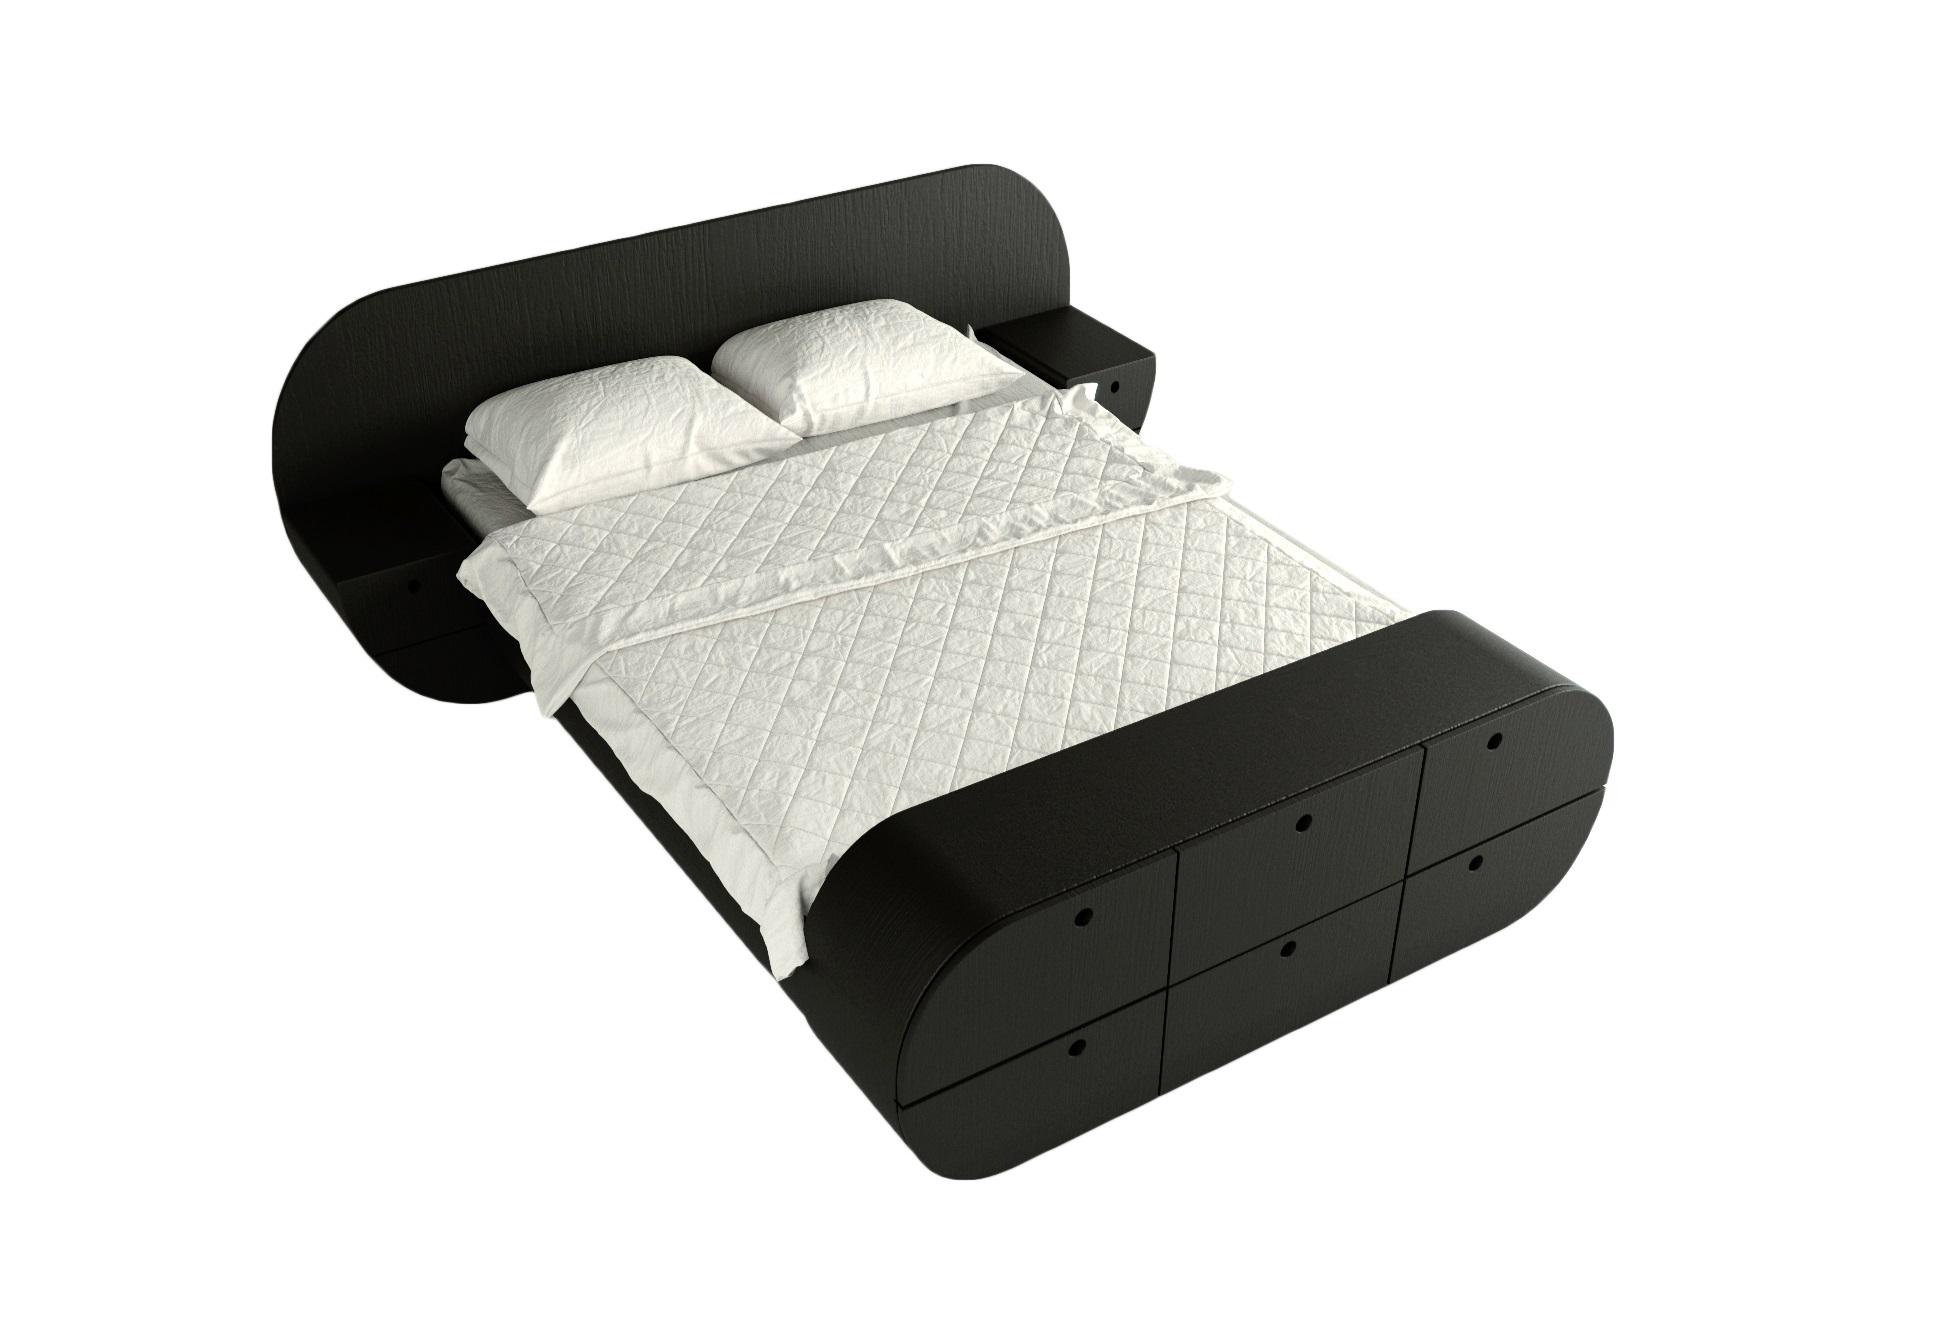 Кровать с тумбами и комодом ЦиклДеревянные кровати<br>Отличный комплект - кровать, 2 тумбы, комод!<br>Представляет собой единую констукцию, изделие покрыто натуральным шпоном, теплый и приятный материал<br>Матрас, белье и подушки в стоимость не входят.&amp;lt;div&amp;gt;&amp;lt;br&amp;gt;&amp;lt;/div&amp;gt;&amp;lt;div&amp;gt;Размер спального места: 160см на 200см&amp;amp;nbsp;&amp;lt;/div&amp;gt;&amp;lt;div&amp;gt;Материал: МДФ, шпон<br>Установка не требуется&amp;lt;/div&amp;gt;<br><br>Material: МДФ<br>Width см: 218<br>Depth см: 267<br>Height см: 87